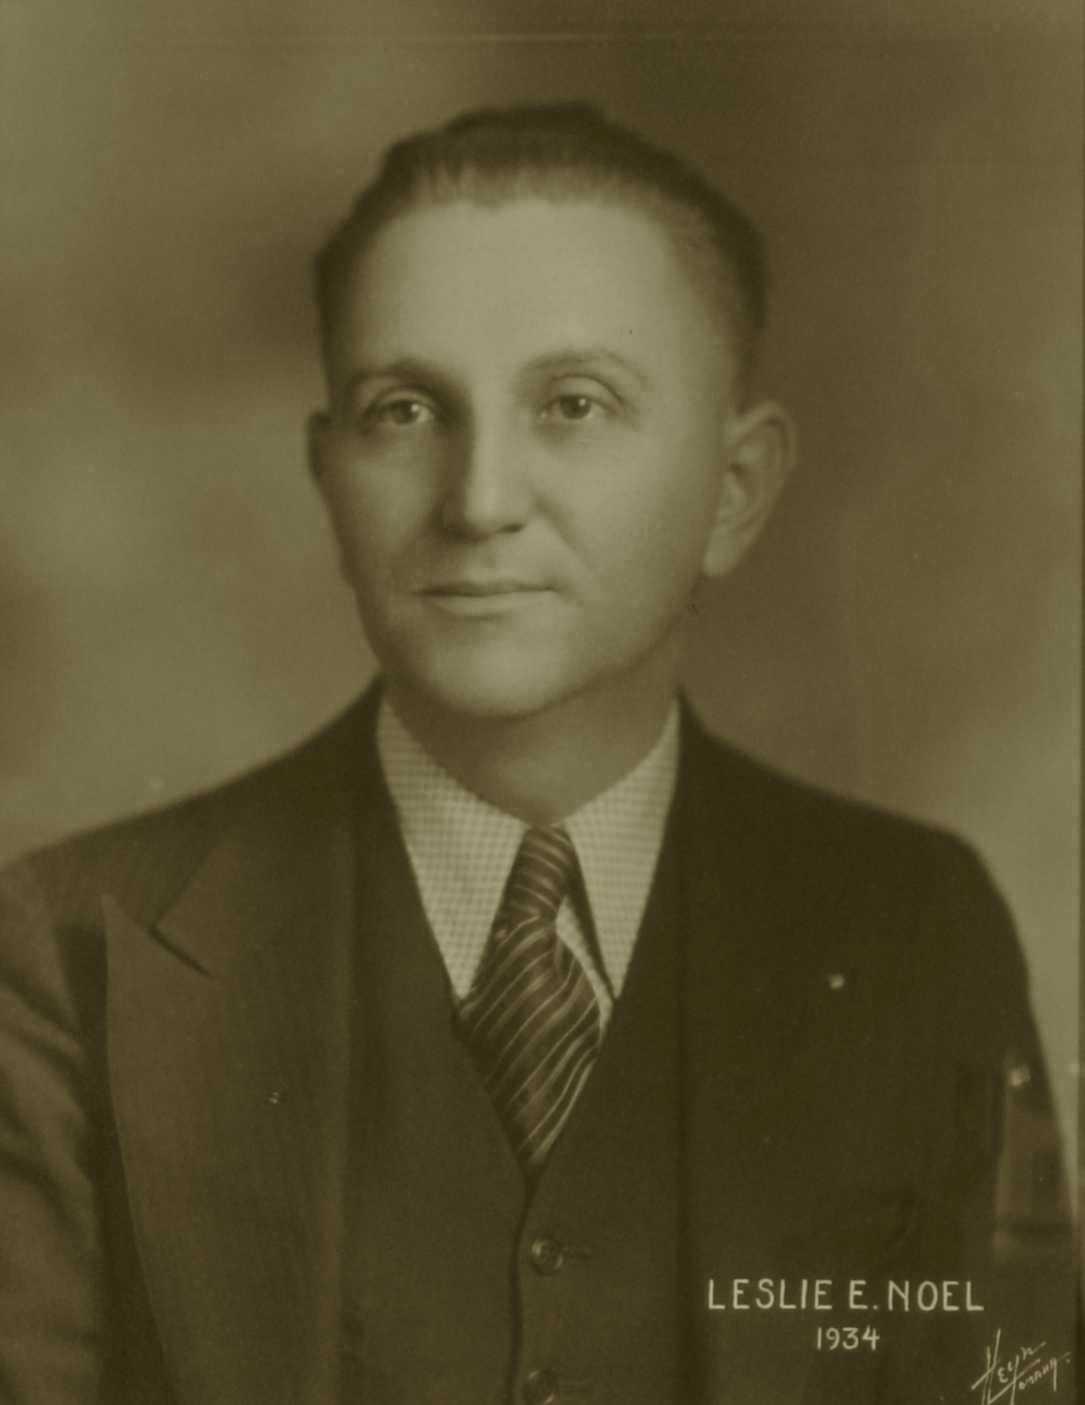 Leslie E. Noel, 1934